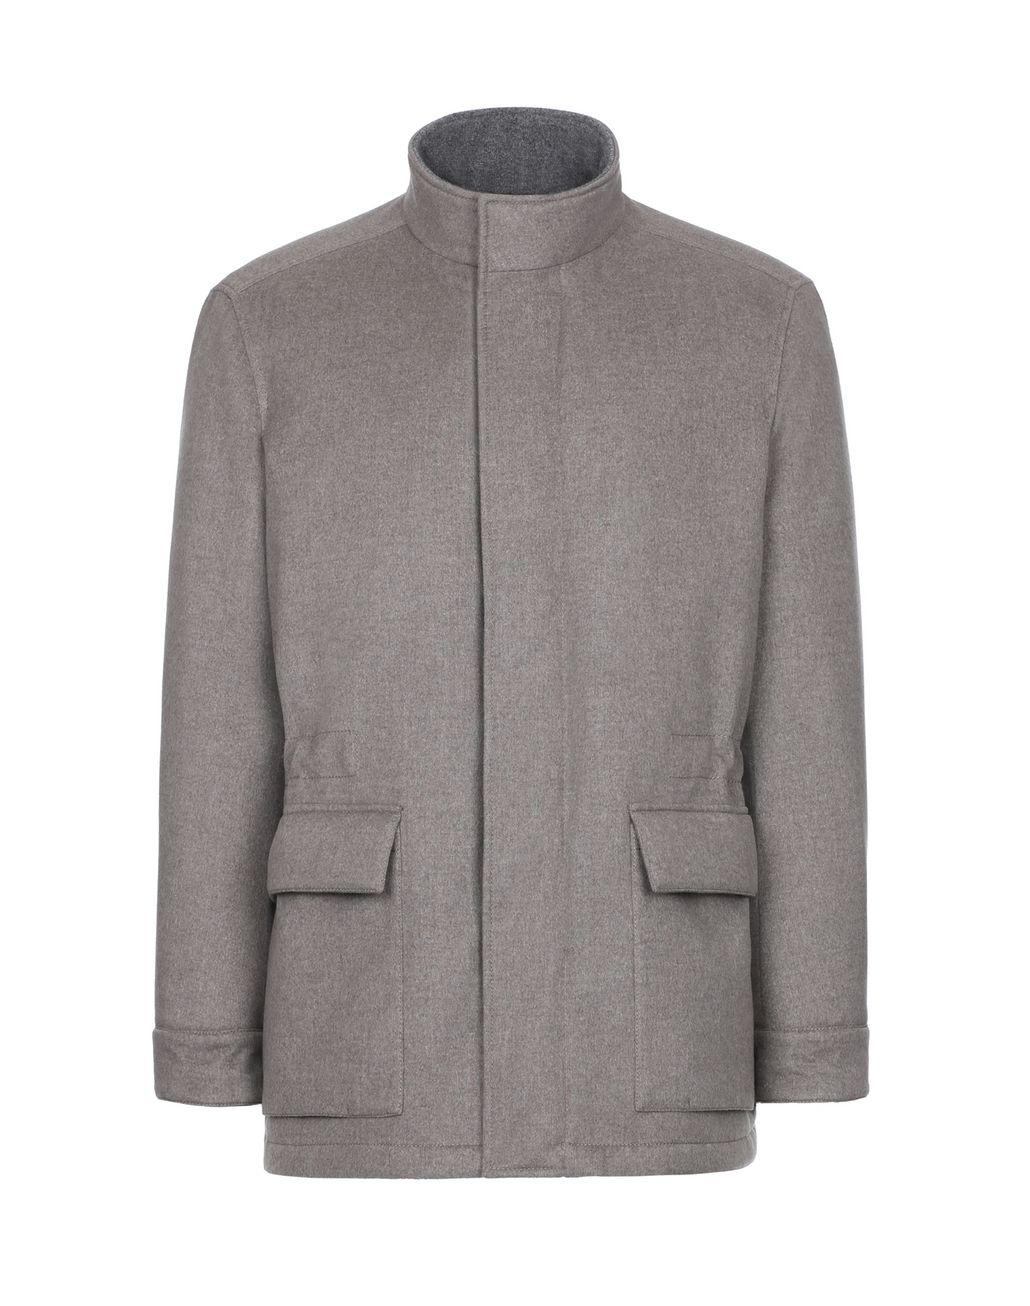 BRIONI Beige Field Jacket Outerwear Man f